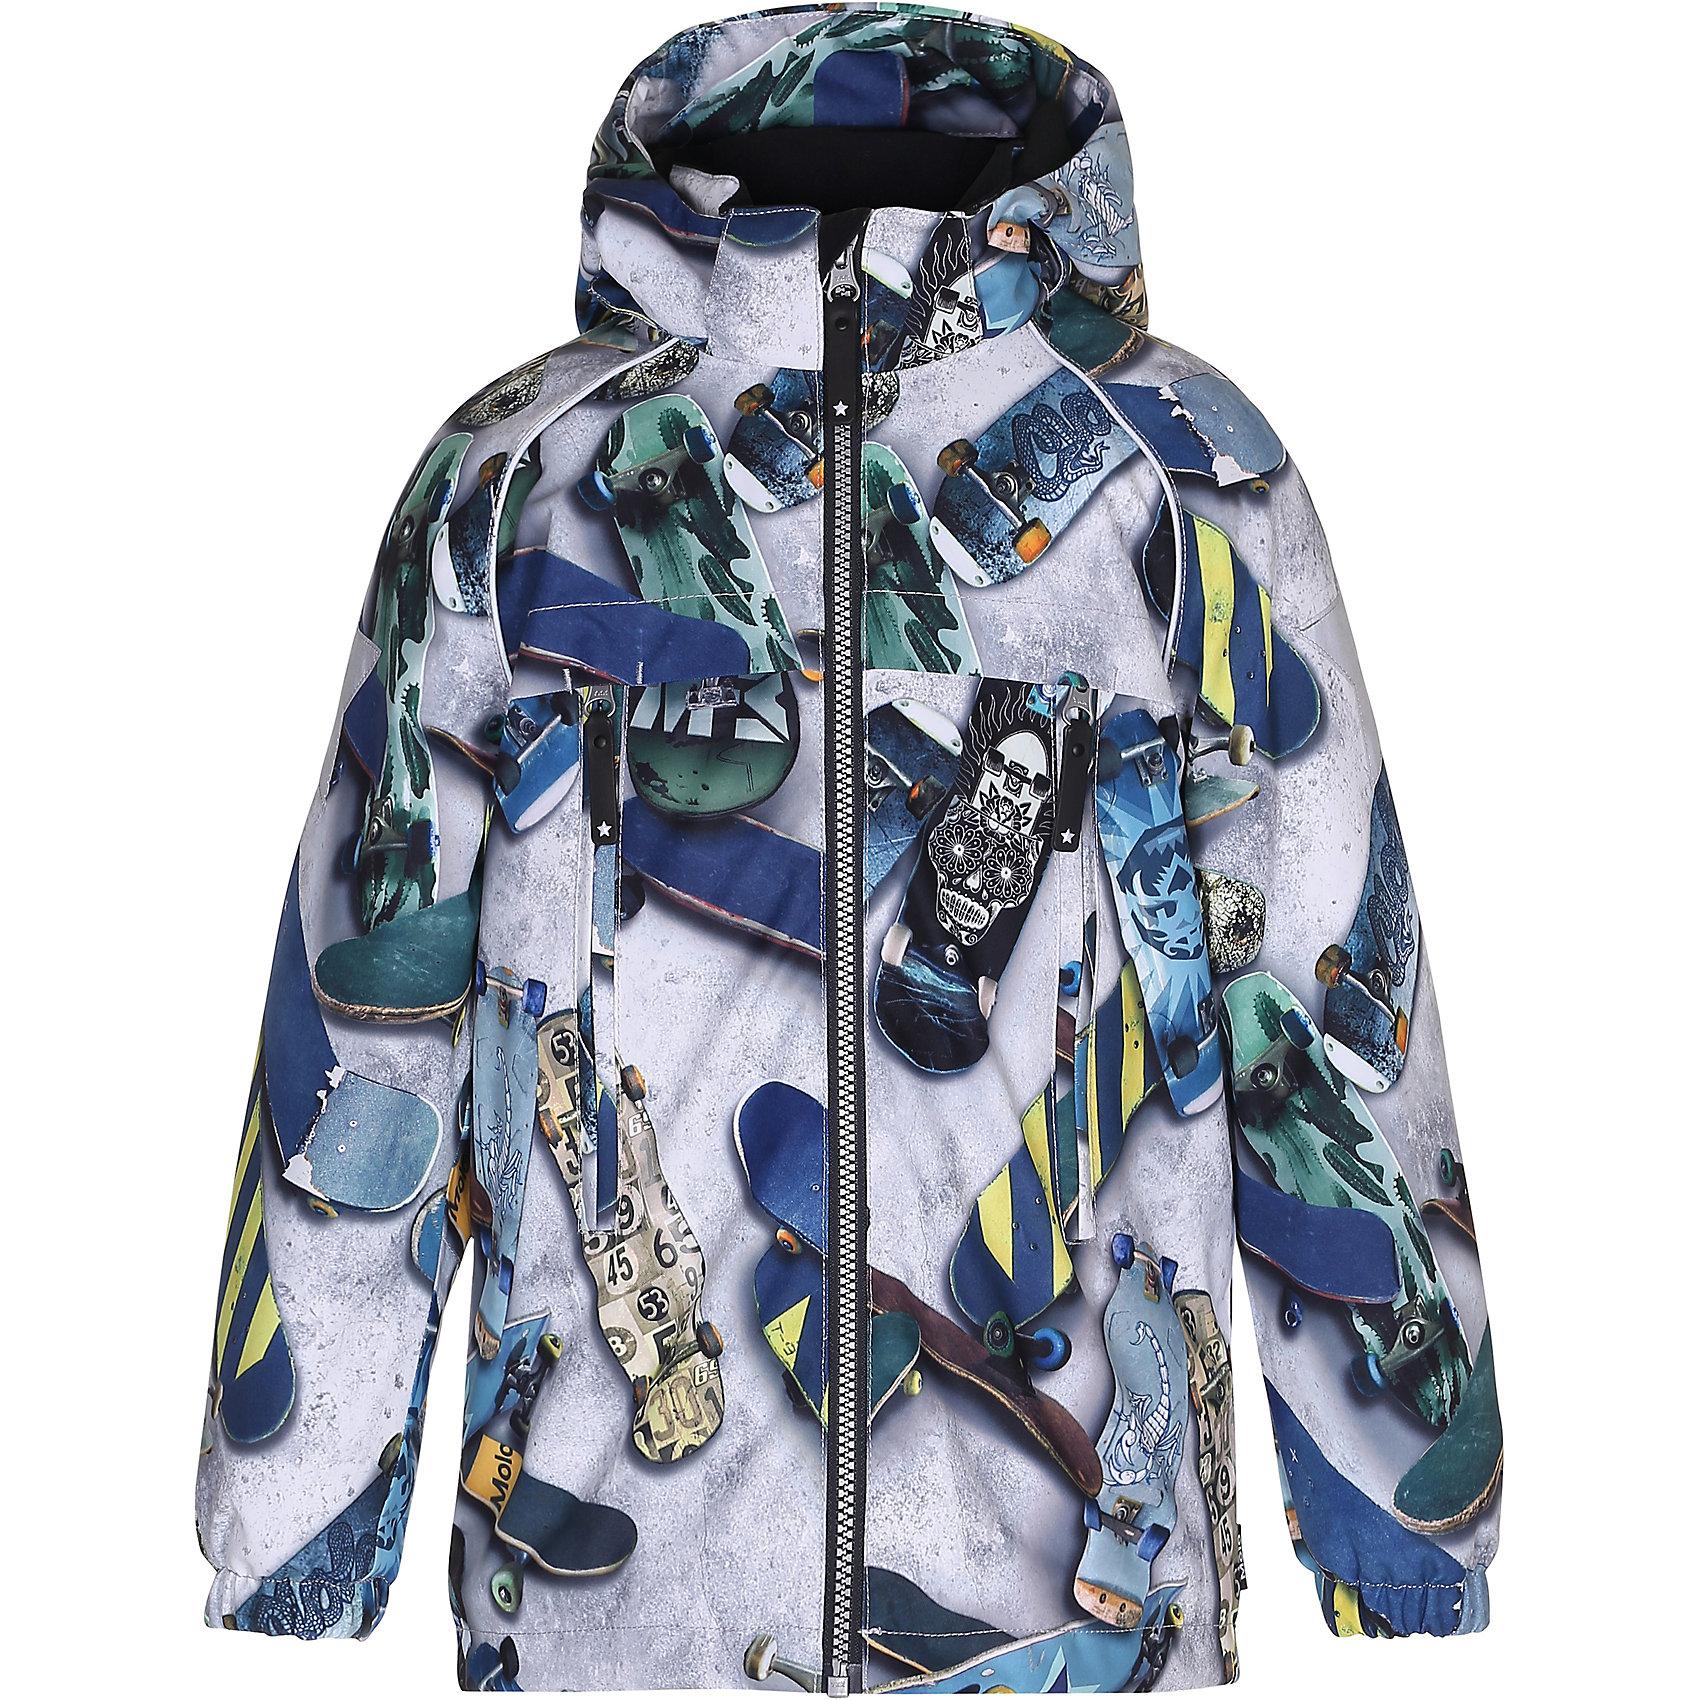 Куртка MOLO для мальчикаВерхняя одежда<br>Зимняя куртка для детей<br>• состав: 100% нейлон, 100% полиэстер<br>• температурный режим: 0° до -25° градусов<br>• утеплитель:  ThinsulateTM  прекрасно сохраняющий тепло,  позволяет телу дышать и остается при этом сухим и легким<br>• водонепроницаемость: 10 000 мм<br>• отвод влаги: 8 000 г/м2/24ч<br>• основные швы проклеены<br>• съёмный капюшон<br>• удобные молнии<br>• «дышащий» материал<br>• ветро- водо- и грязеотталкивающий материал<br>• ветрозащитная планка<br>• комфортная посадка<br>• прочные съёмные силиконовые штрипки<br>• страна производства: Китай<br>• страна бренда: Дания <br> Фантастический и причудливый датский бренд Molo это самый актуальный и стильный дизайн в детской одежде для маленьких модников.<br><br>Ширина мм: 356<br>Глубина мм: 10<br>Высота мм: 245<br>Вес г: 519<br>Цвет: белый<br>Возраст от месяцев: 36<br>Возраст до месяцев: 48<br>Пол: Мужской<br>Возраст: Детский<br>Размер: 110,116,104,152,122,128,134,140,146<br>SKU: 6994973